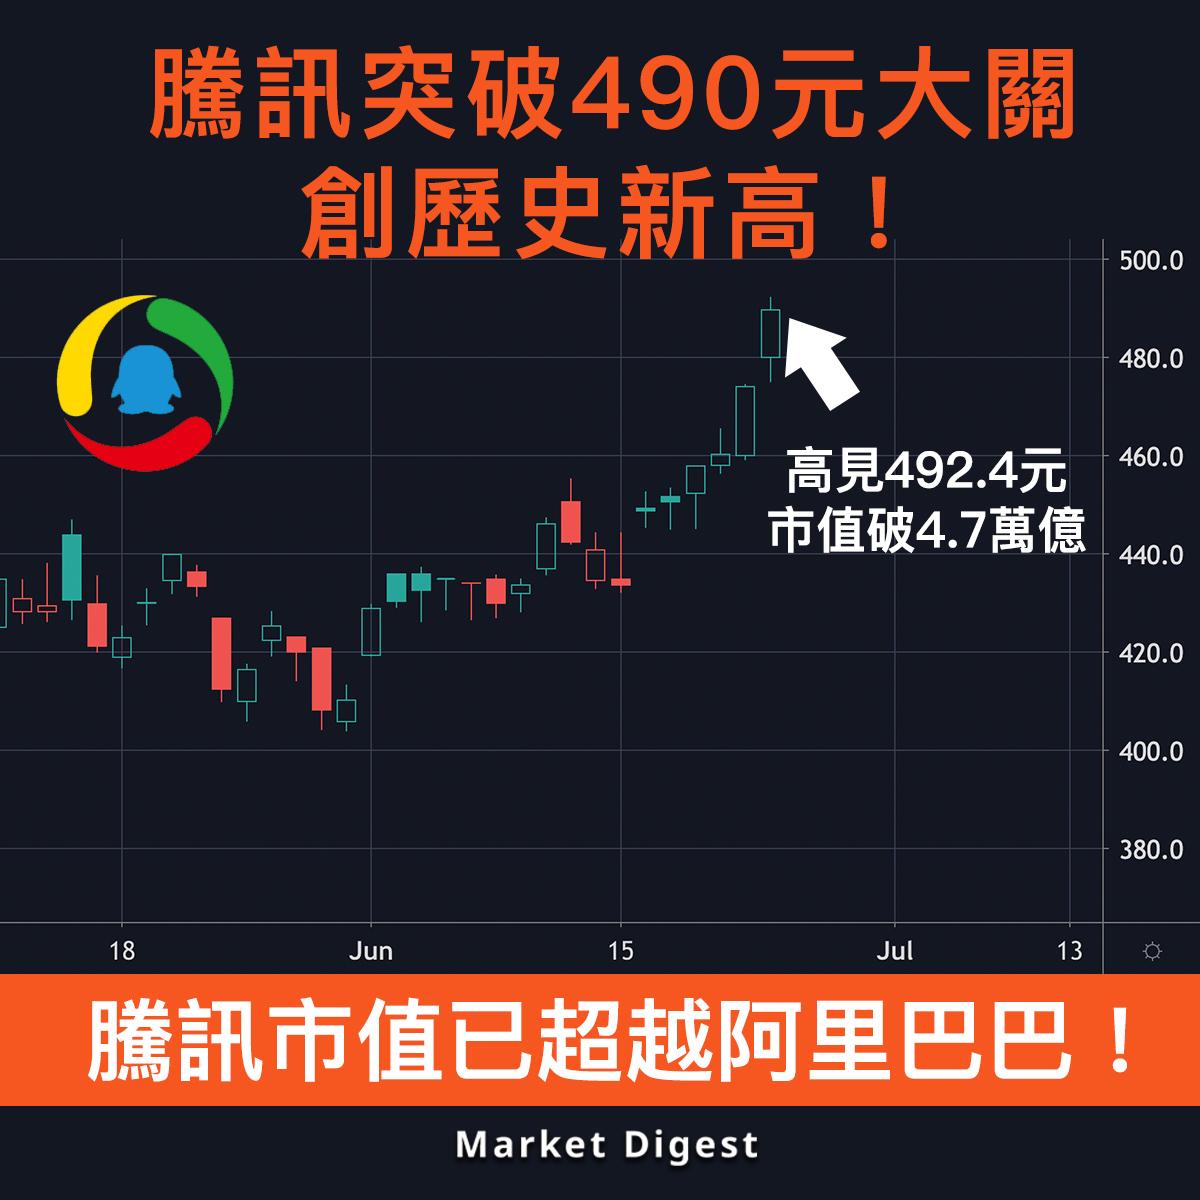 【市場熱話】騰訊突破490元大關,創歷史新高!